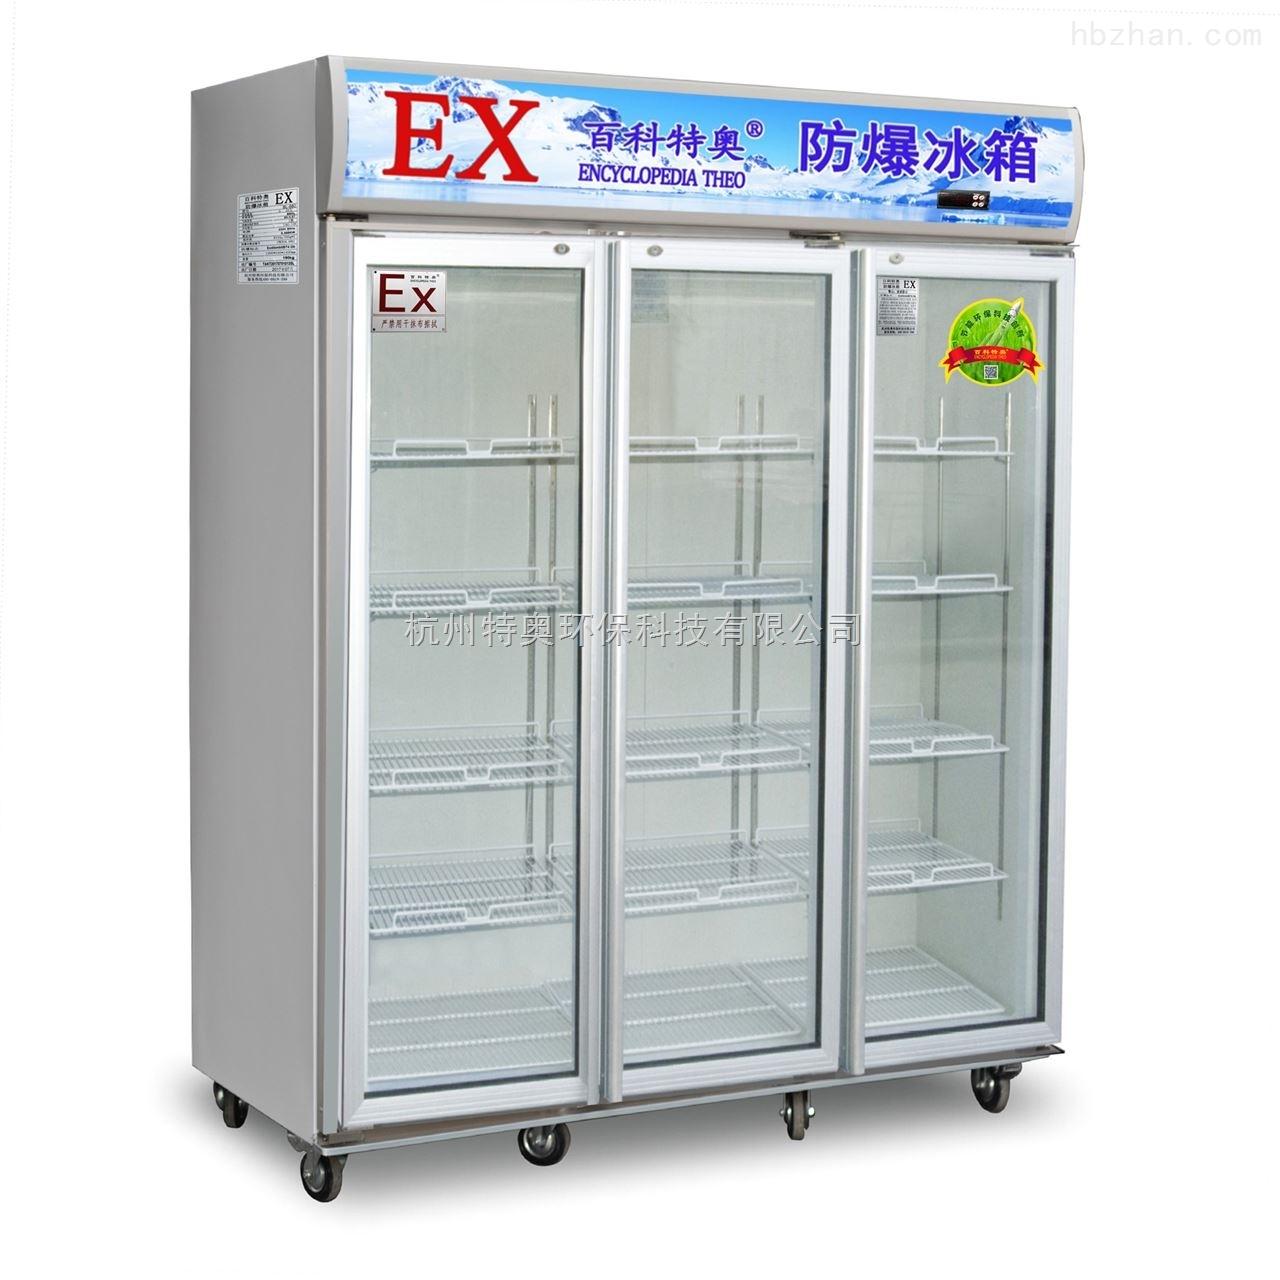 880升无霜风冷防爆冰箱